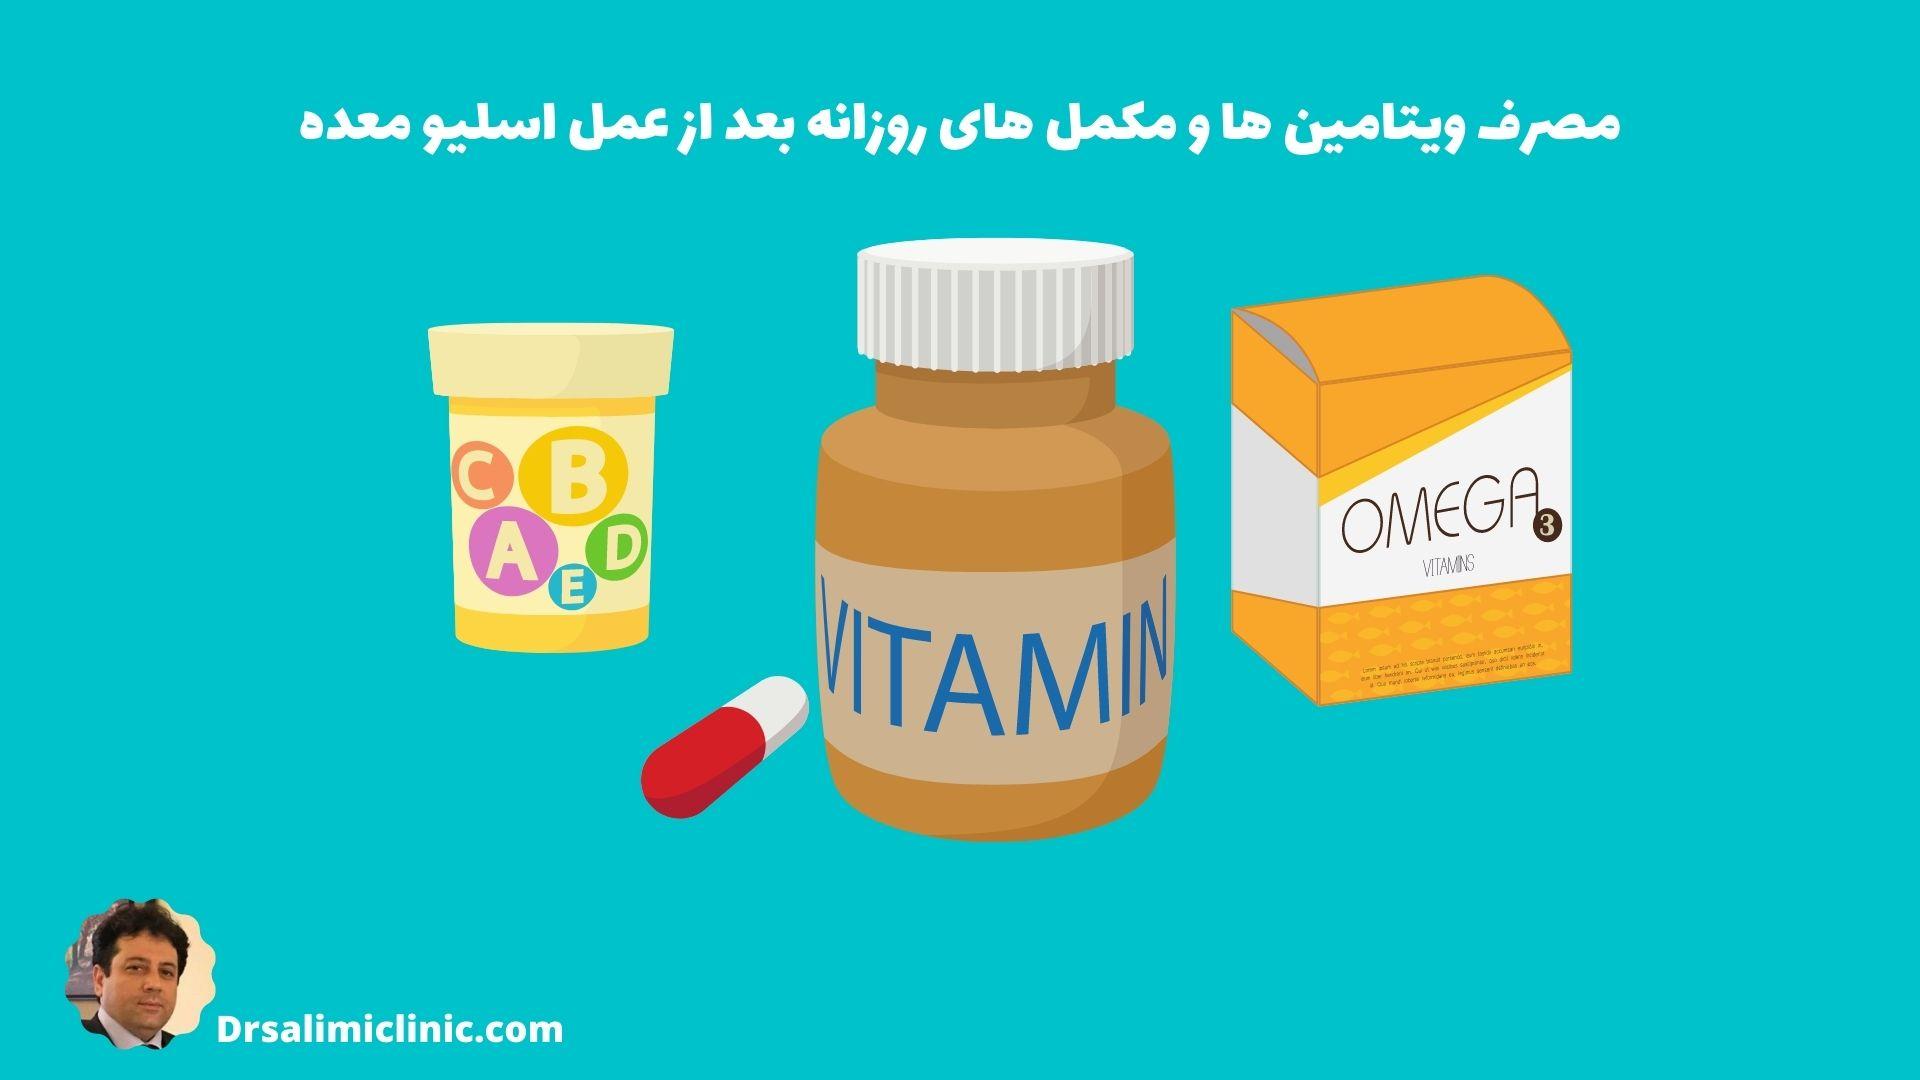 مصرف ویتامین ها و مکمل های روزانه بعد از عمل اسلیو معده